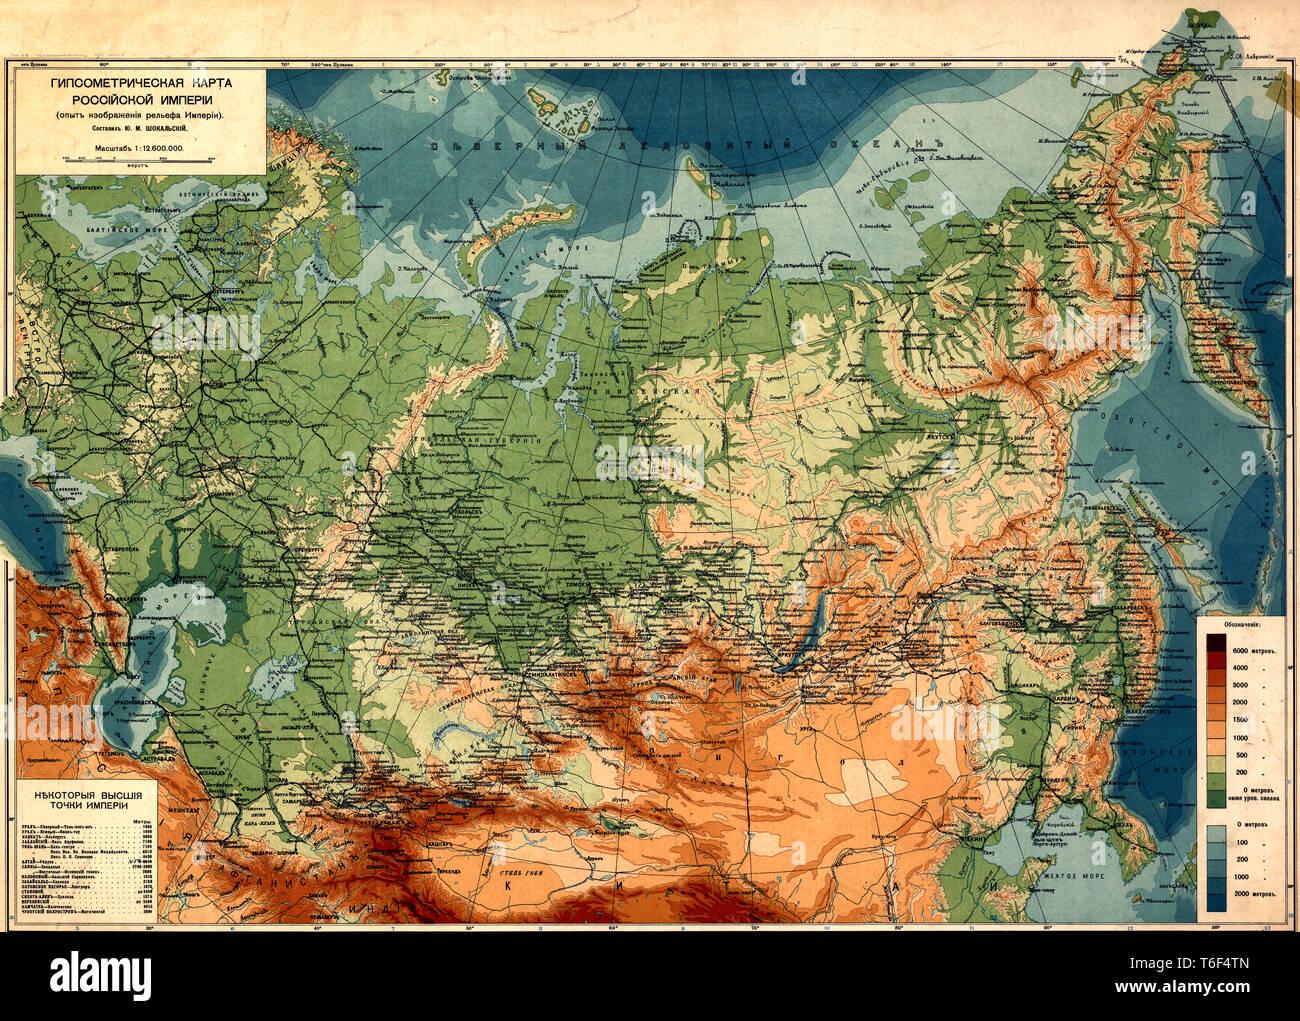 Railroad Maps in Russia, circa 1912 - Stock Image